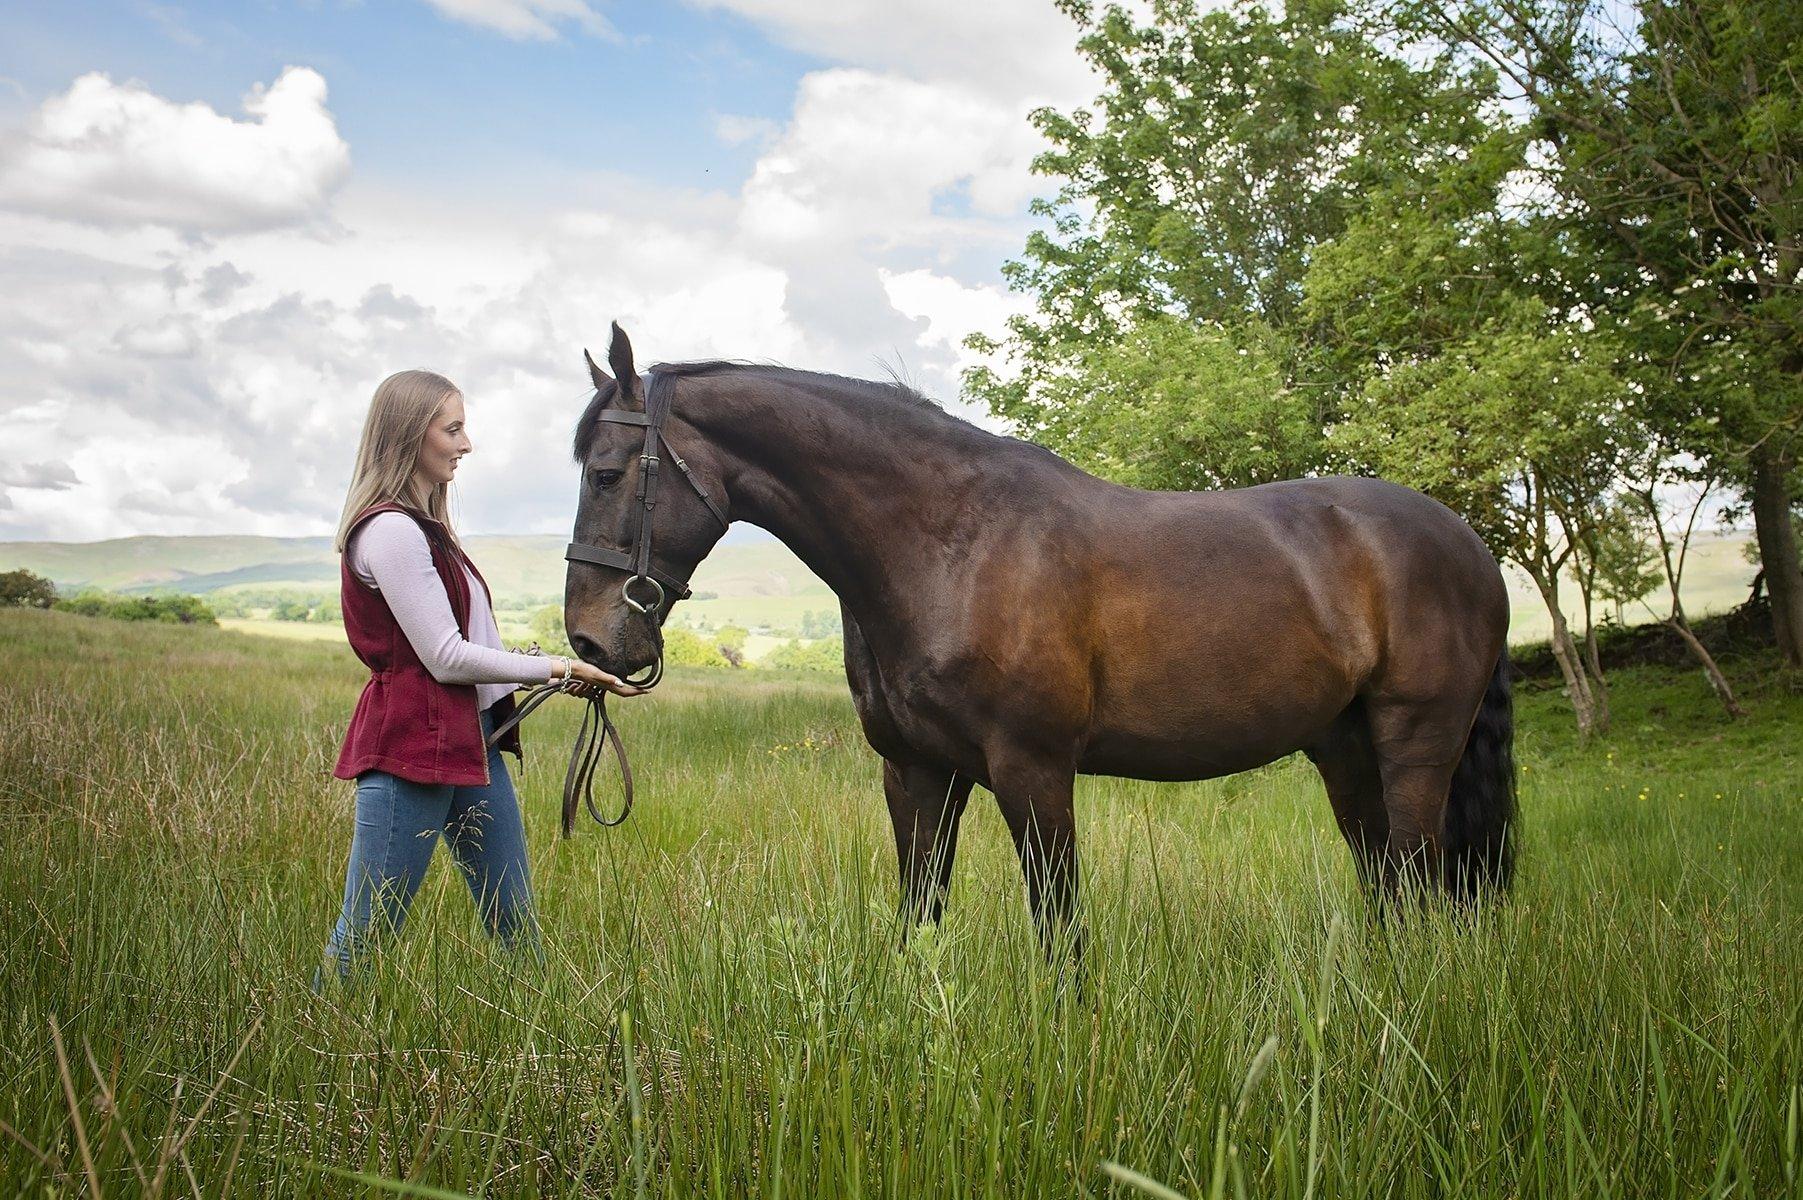 Equine Photoshoots